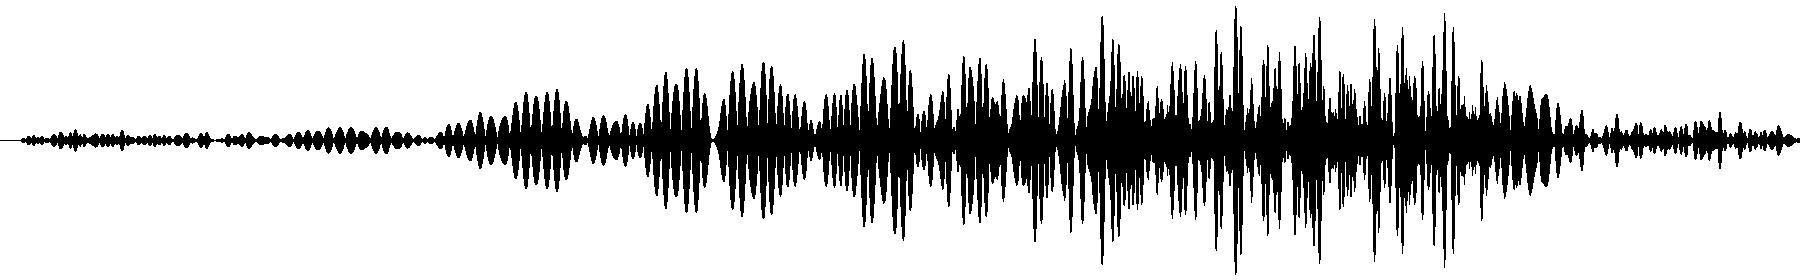 vedh synth cut 088 fm7 9